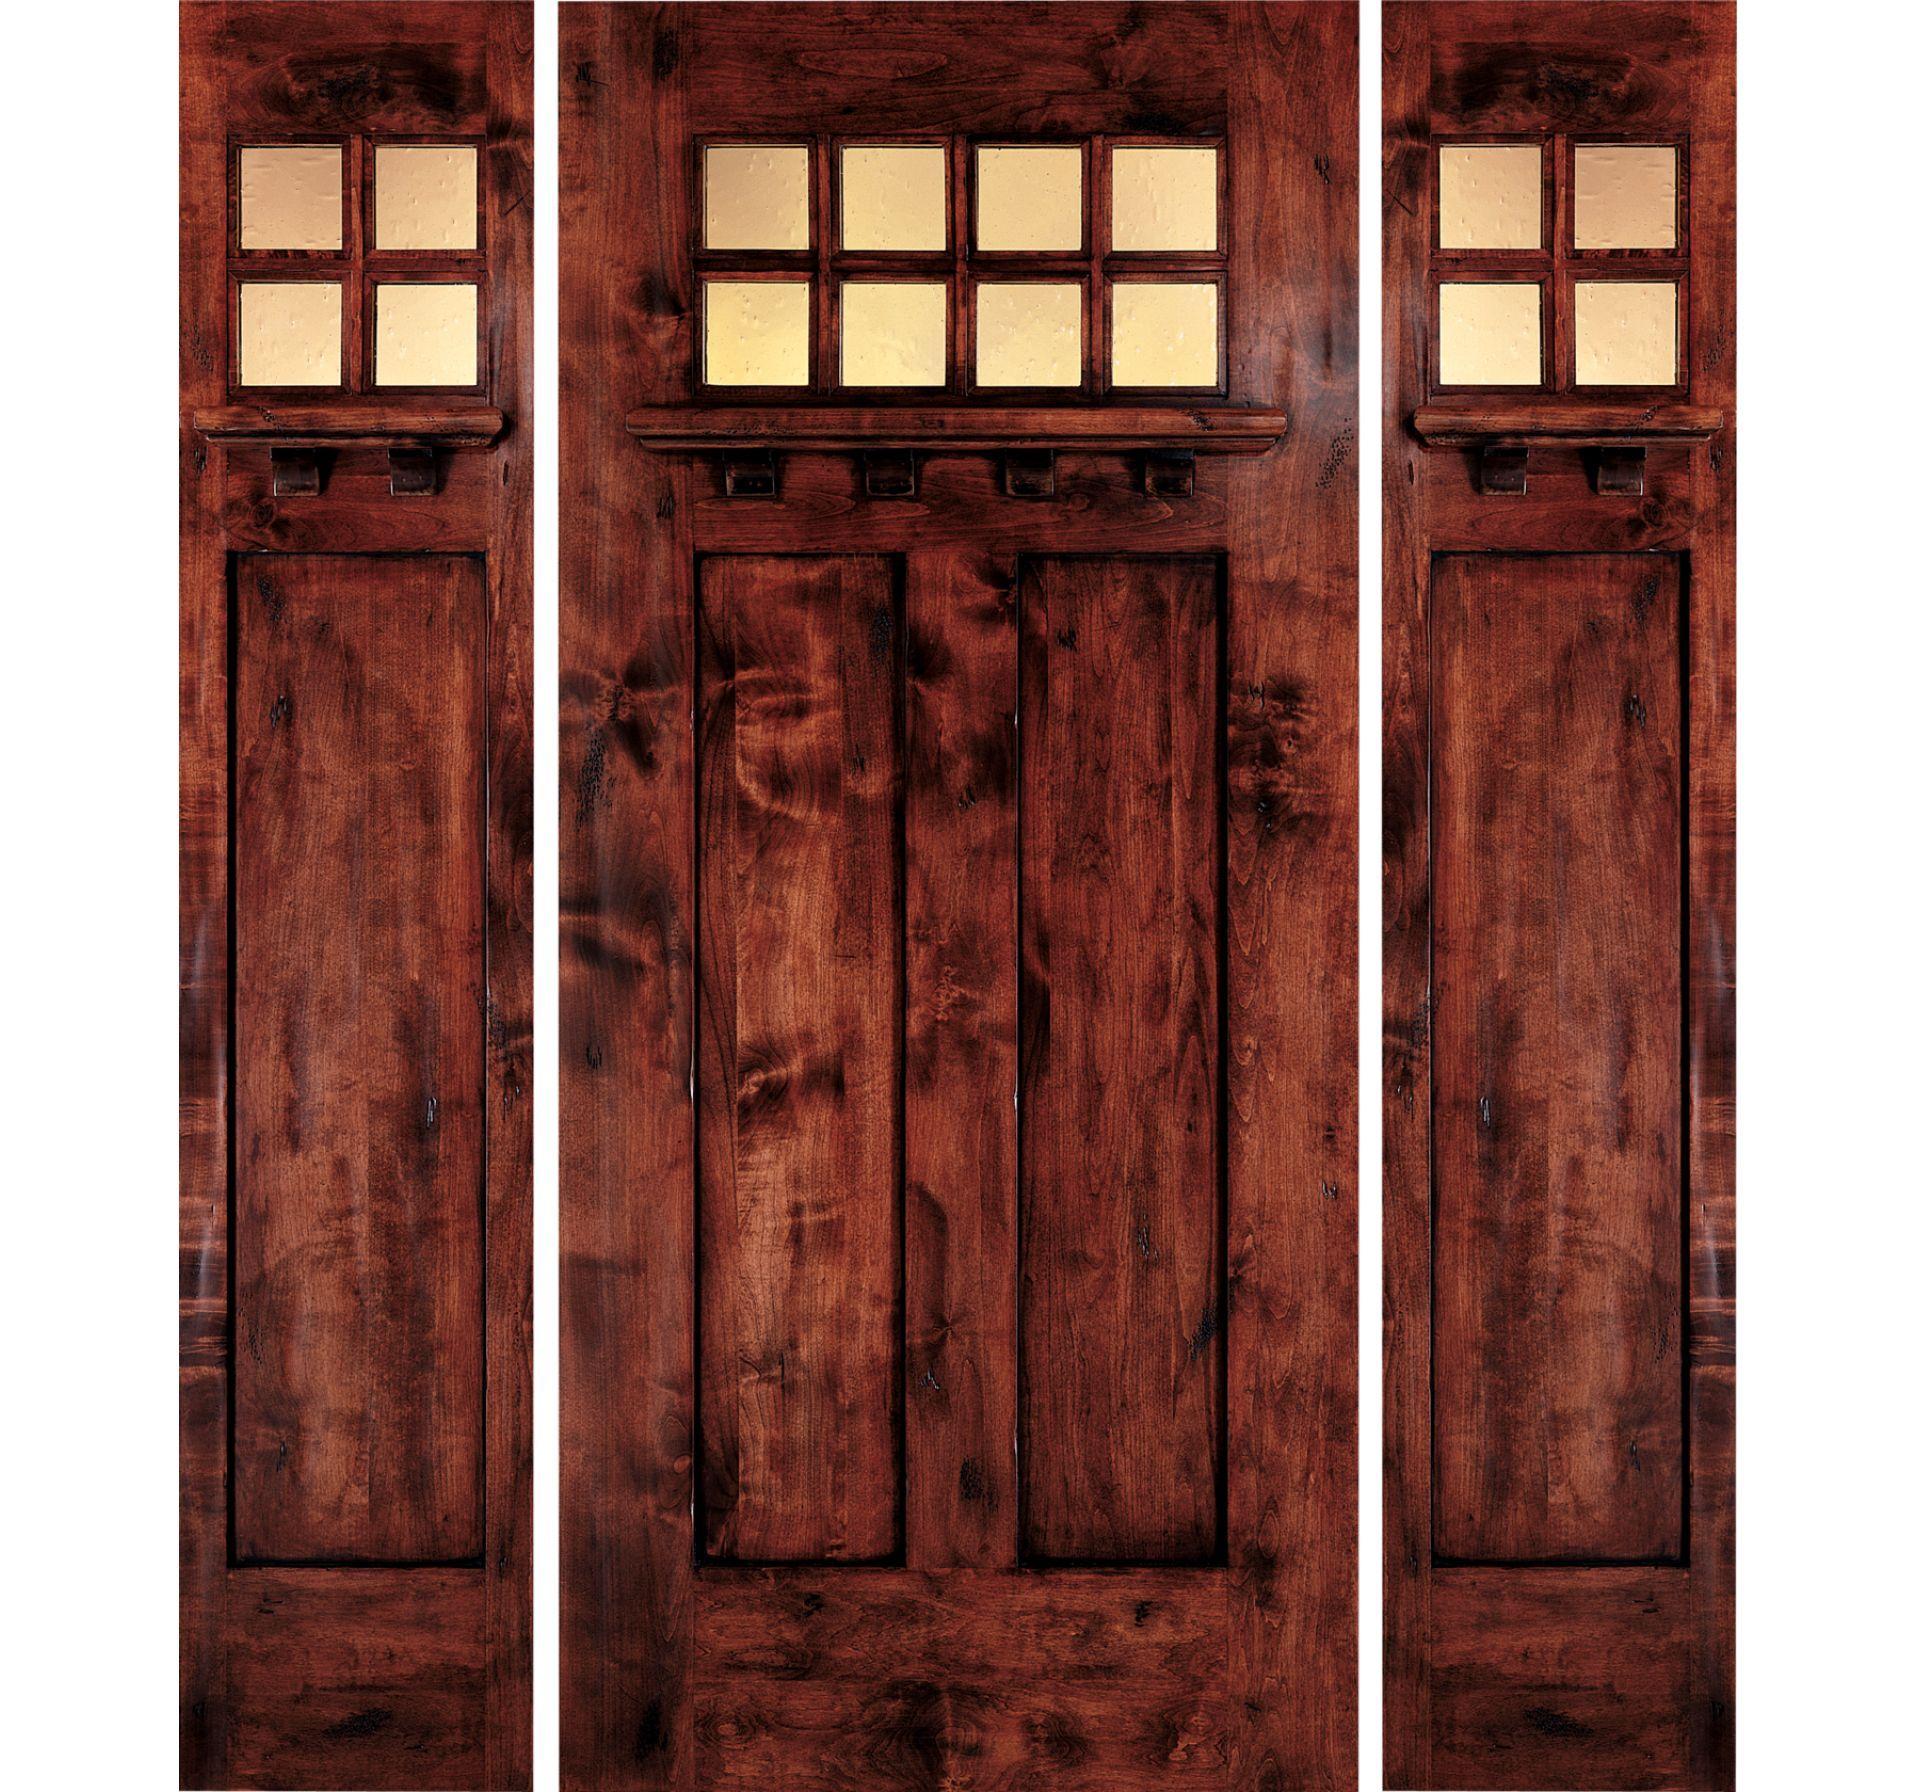 Custom Wooden Doors And Windows : Custom wood jeld wen doors windows home sweet